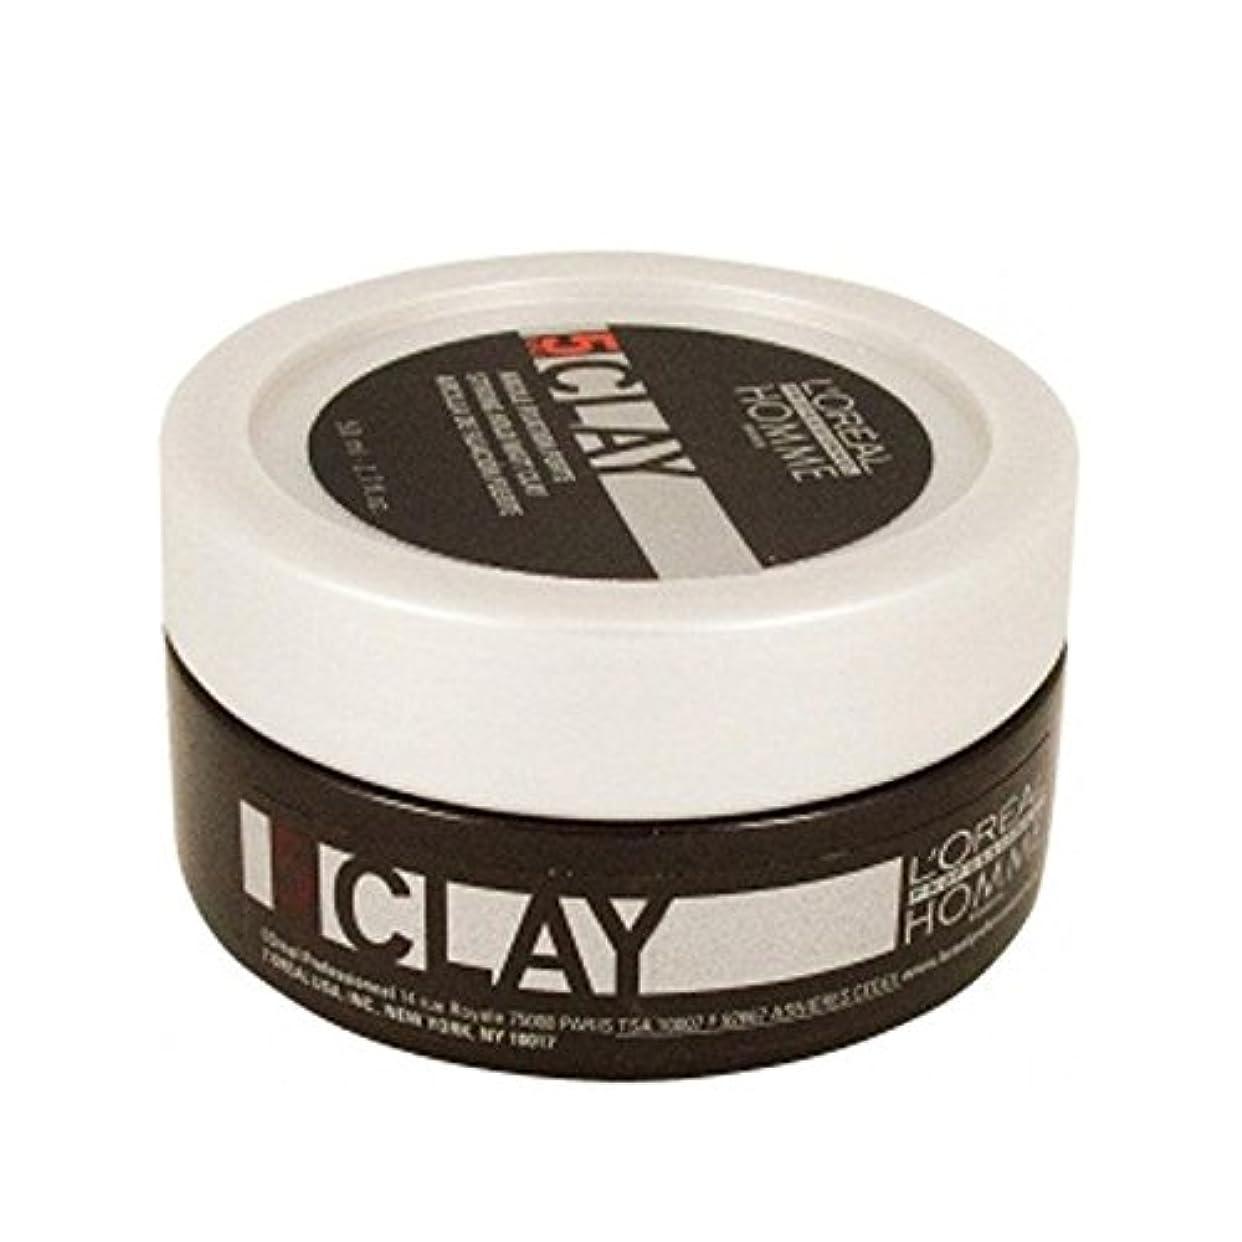 展開する個性を除くL'Or?al Professionnel Homme Clay ? Strong Hold Clay (50ml) (Pack of 6) - ロレアルプロフェッショナルのオム粘土 - 強力なホールド粘土(50ミリリットル...